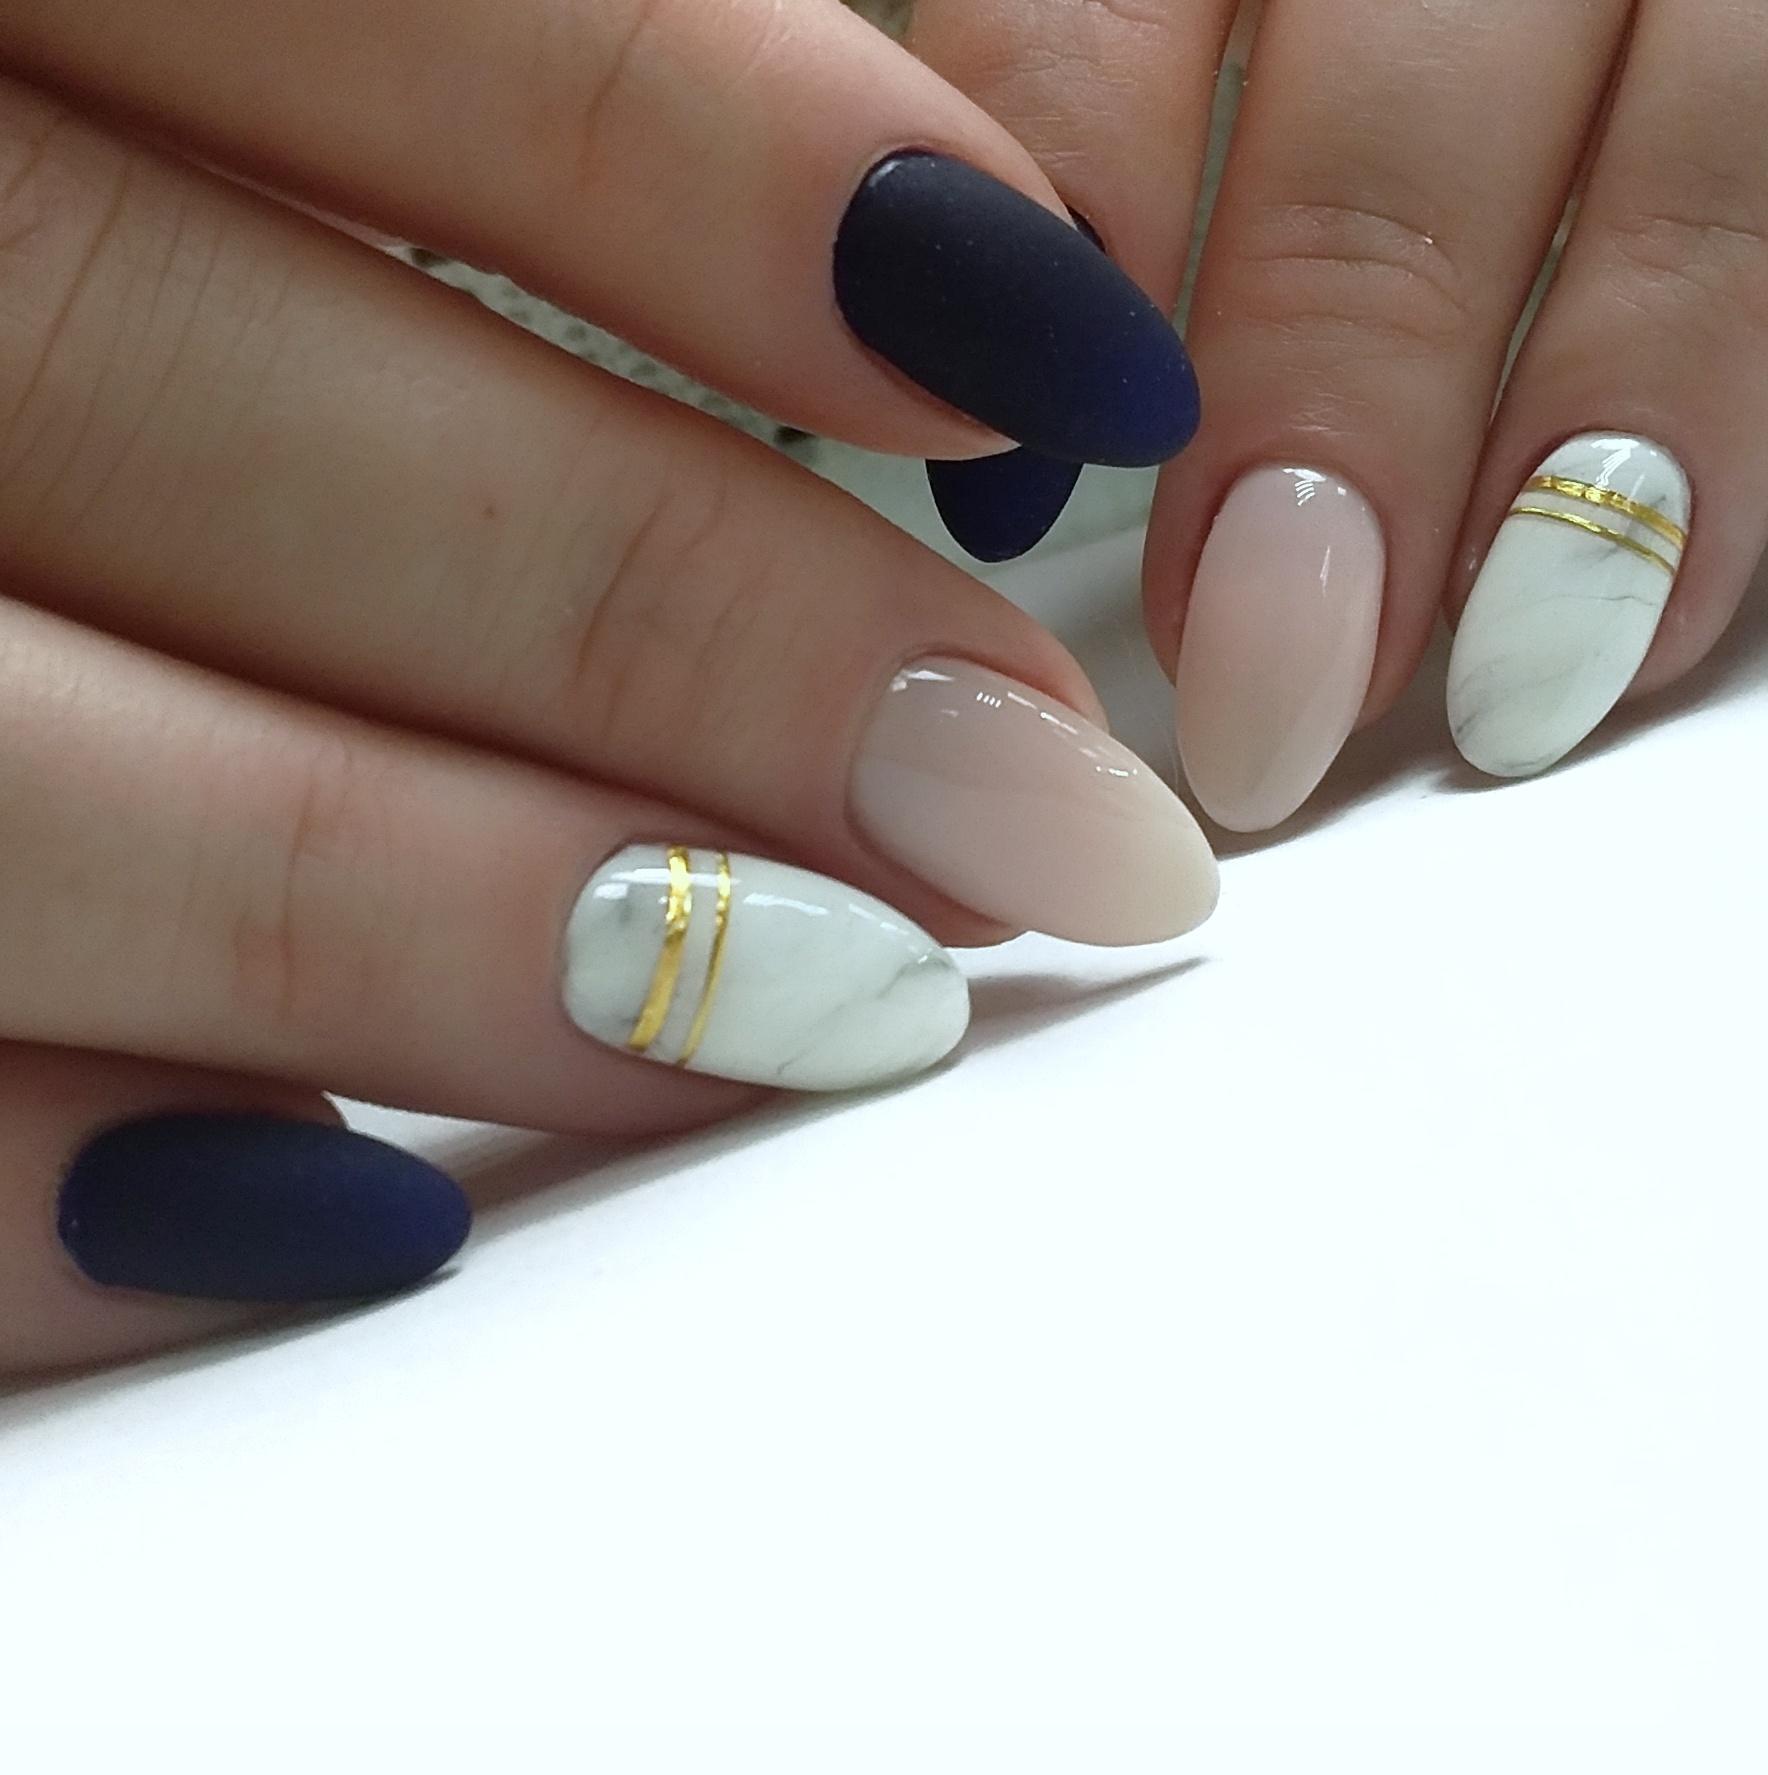 Матовый маникюр в тёмно-синем цвете с мраморным дизайном и золотыми полосками.